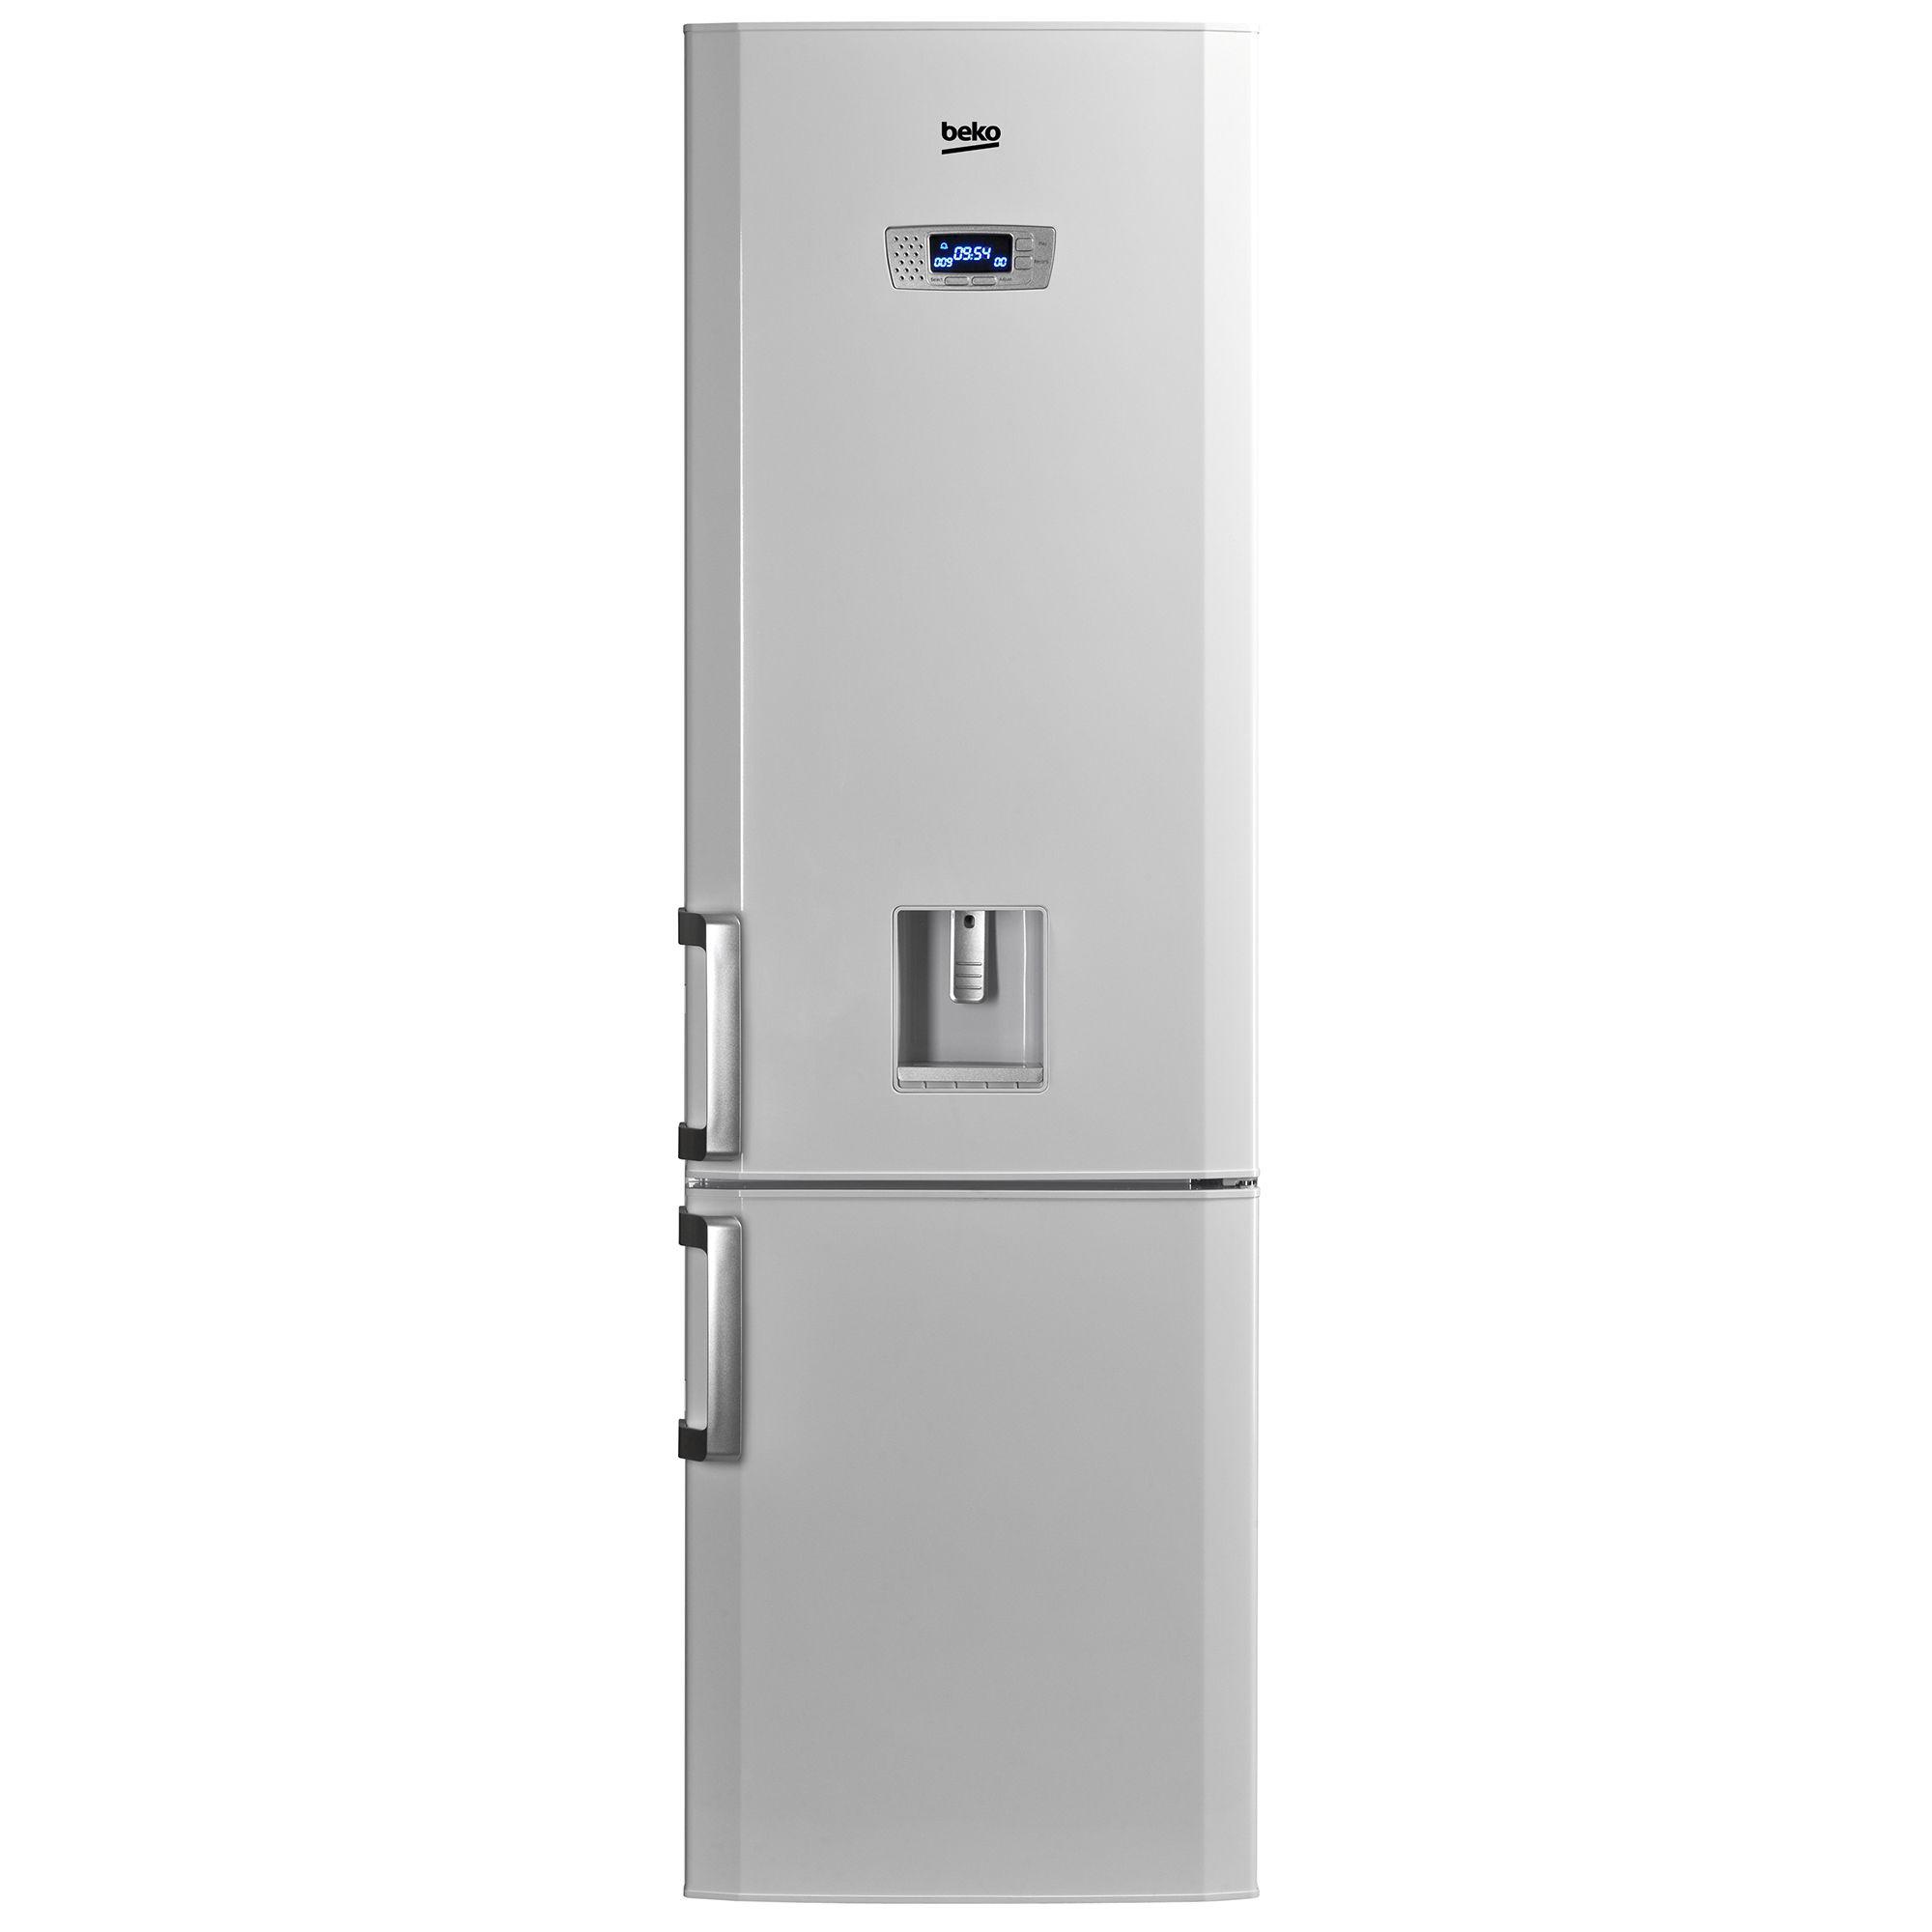 Качествен хладилник БЕКО мнения